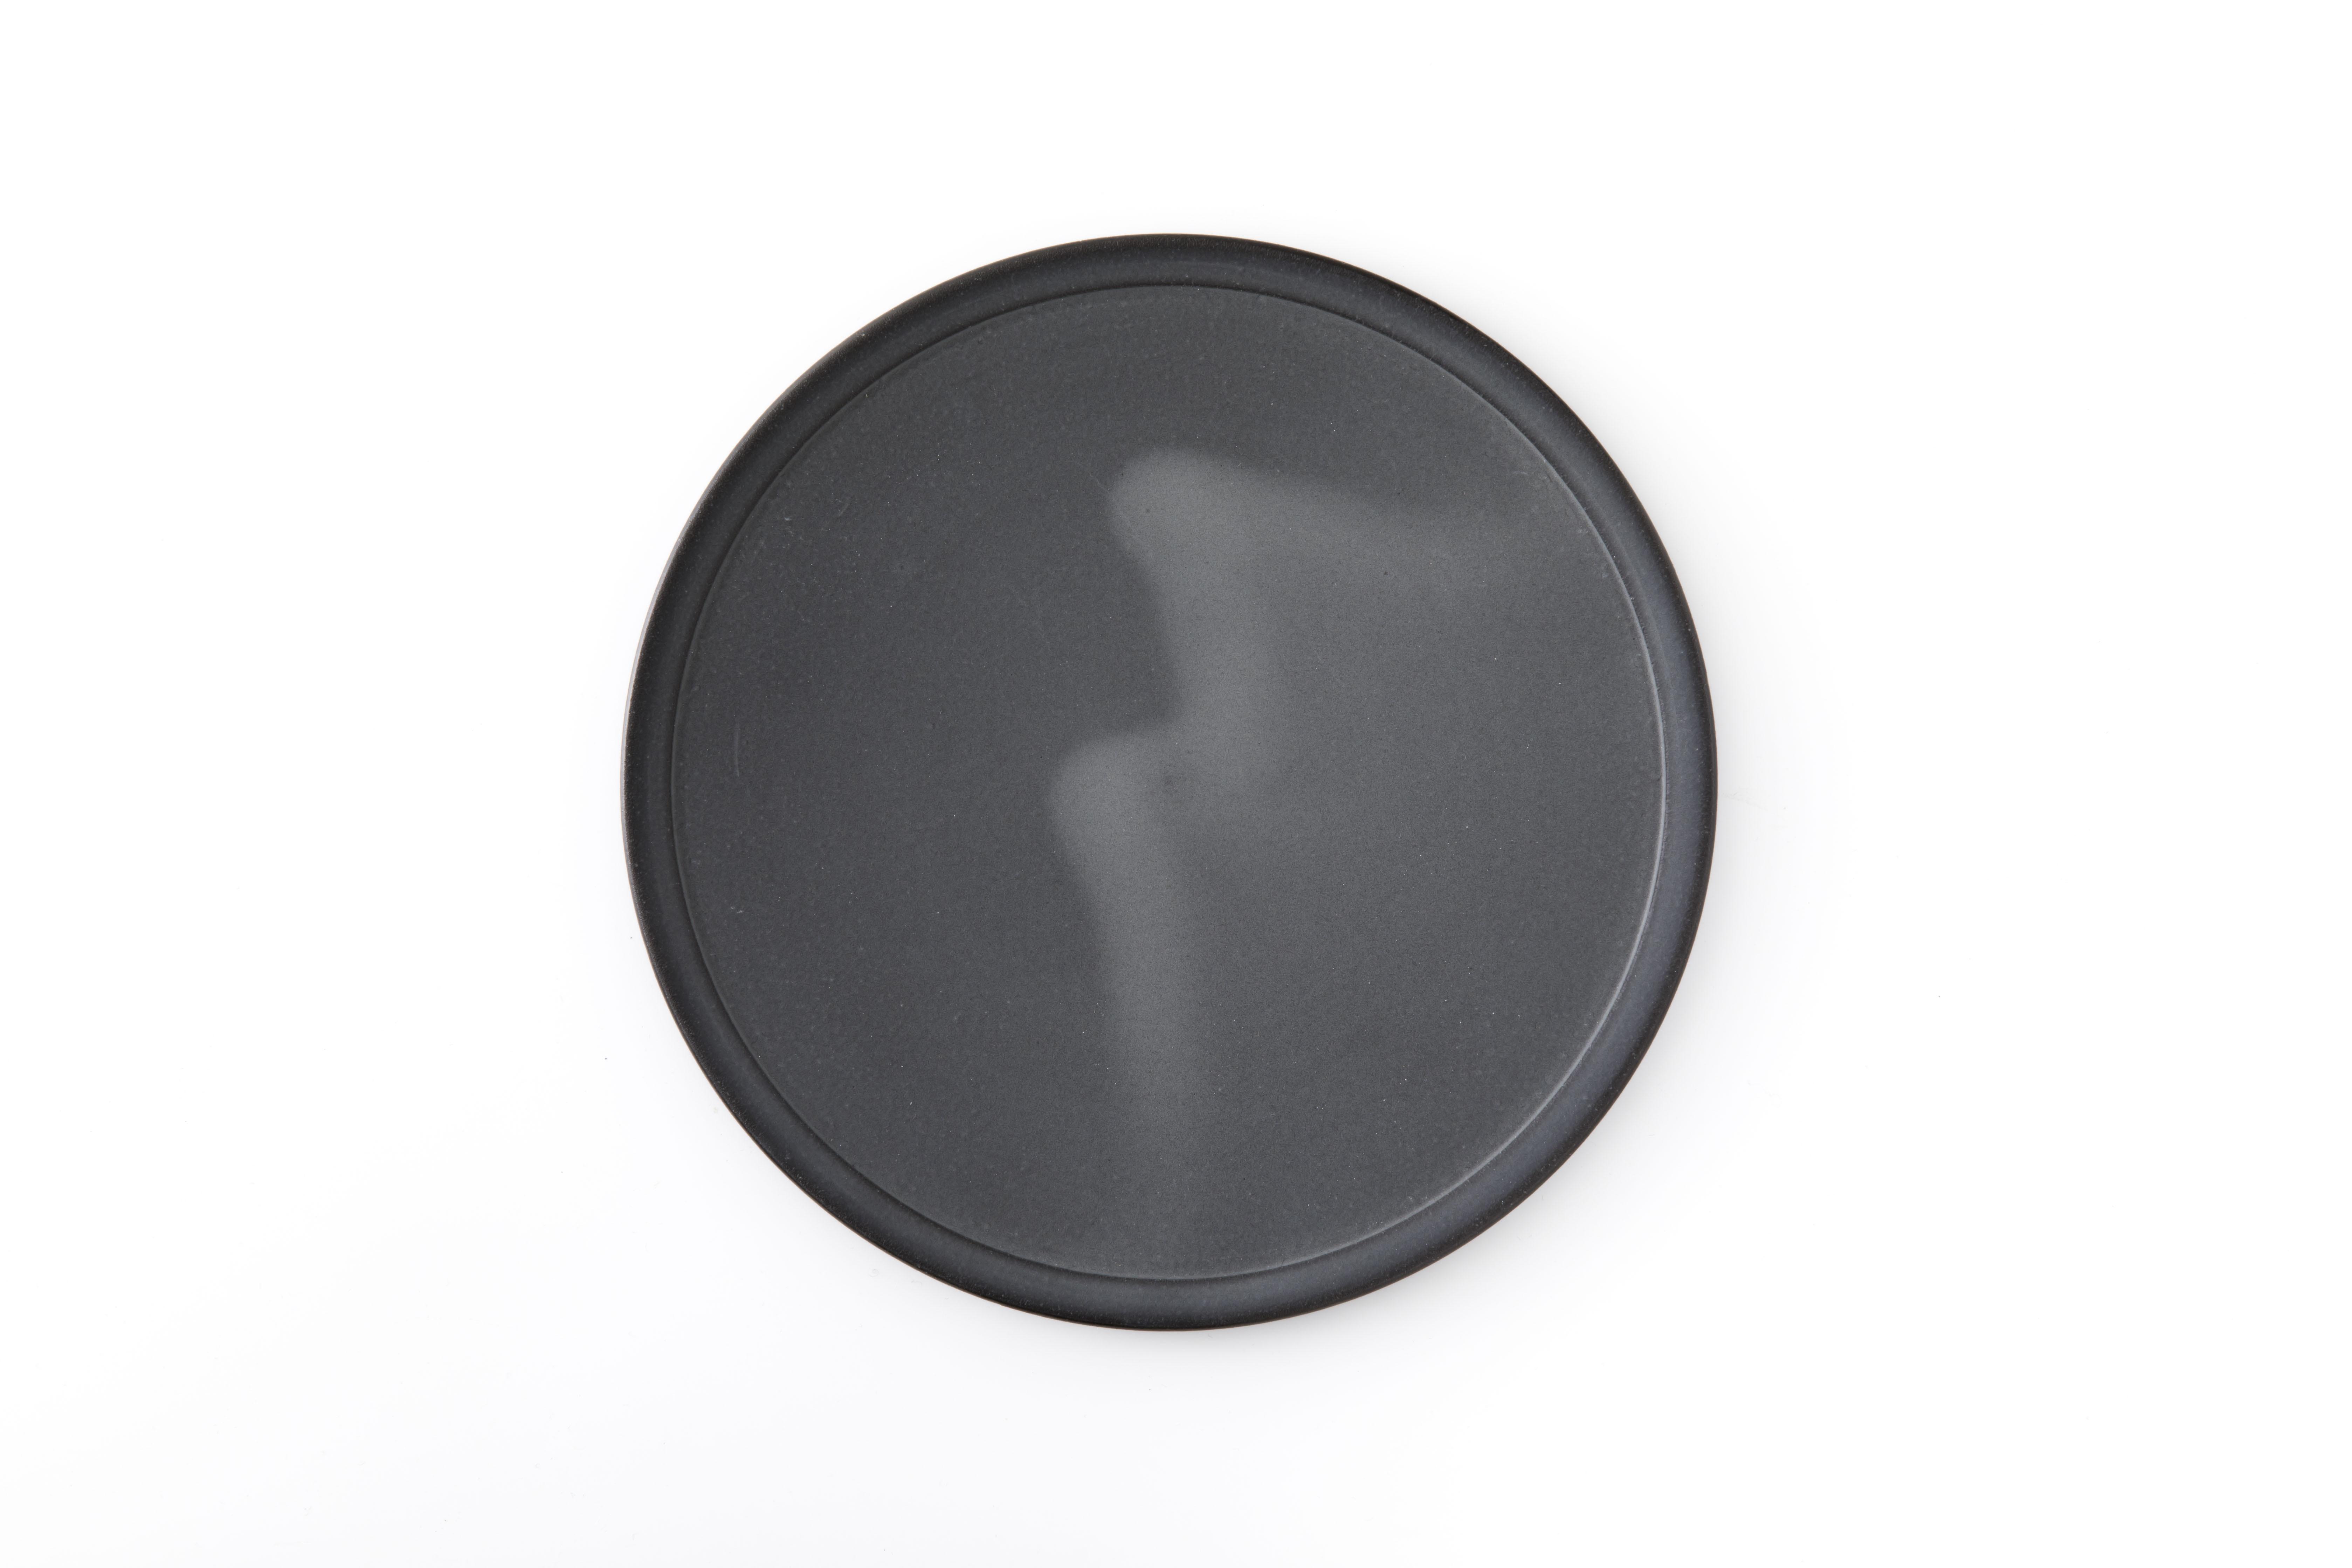 黒泥皿 : 7寸 / 3RD CERAMICS